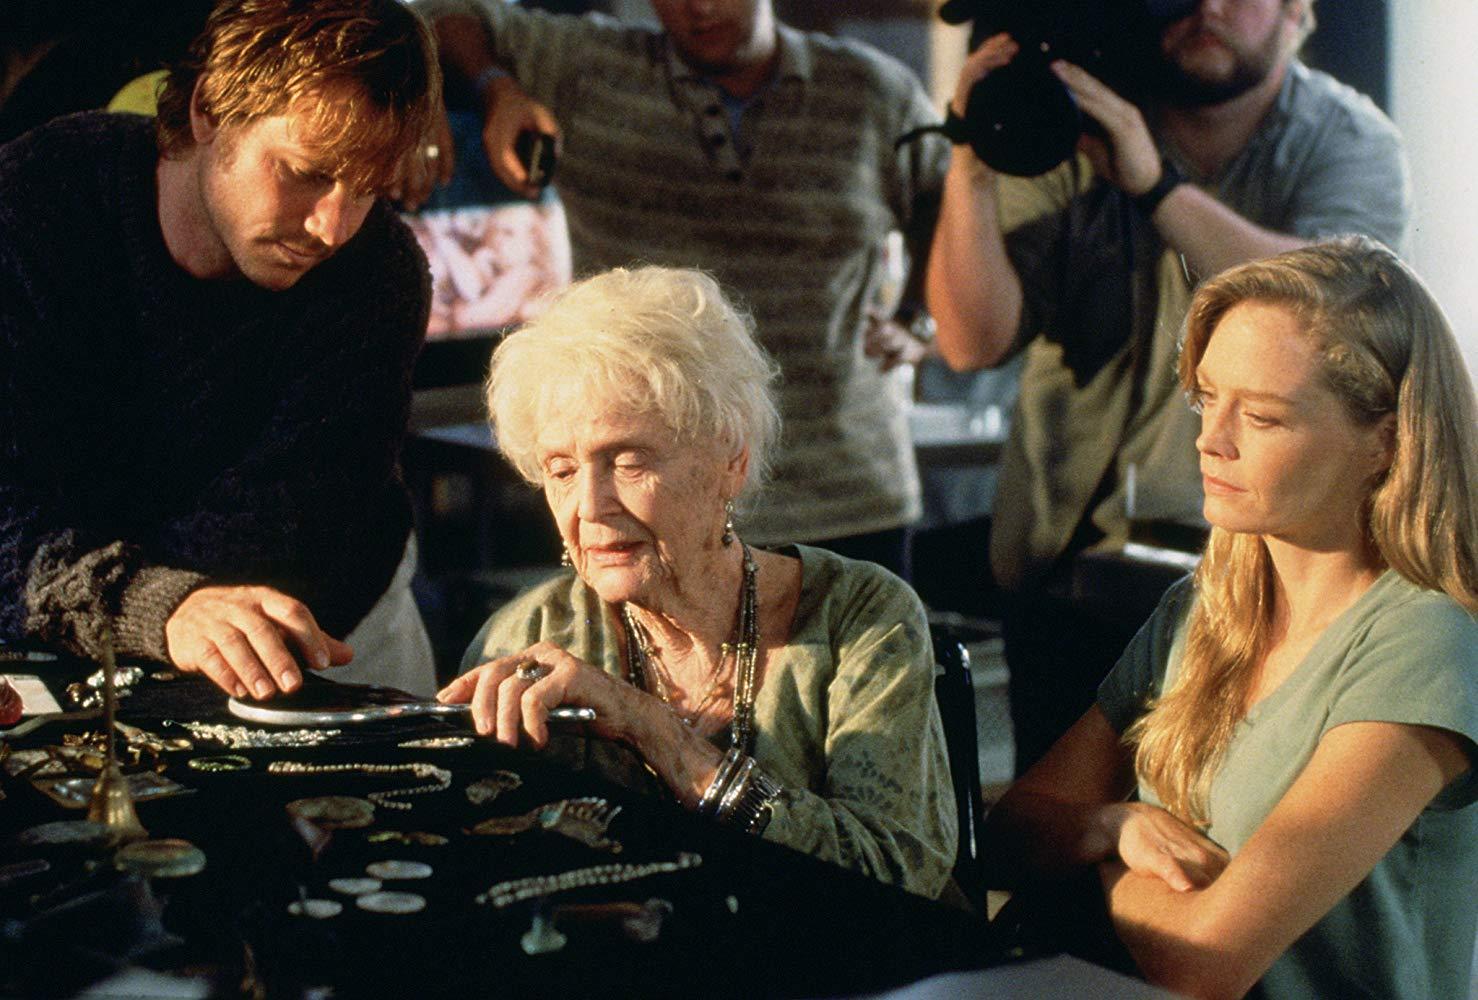 映画に出てくるローズおばあちゃんは本人?